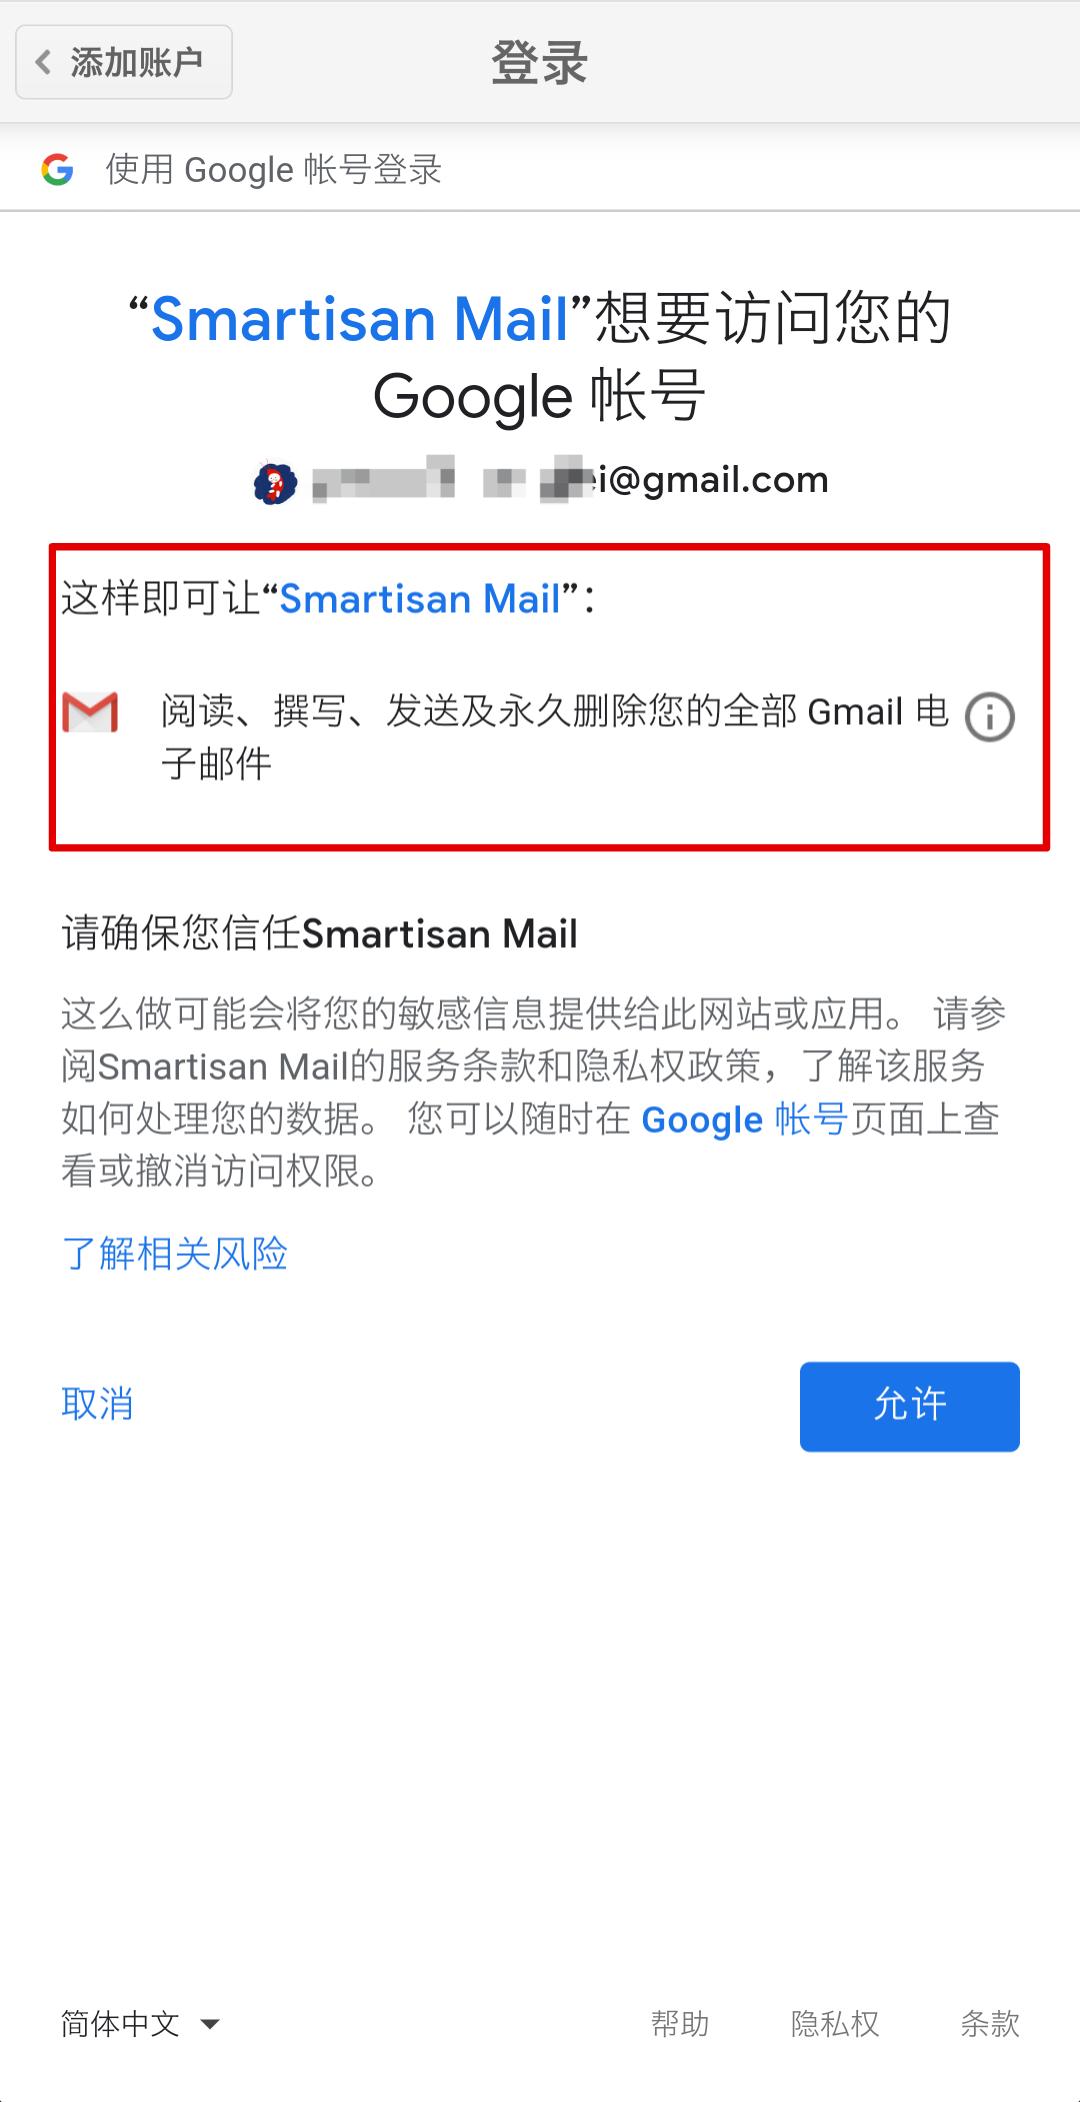 添加 Google 邮箱 4